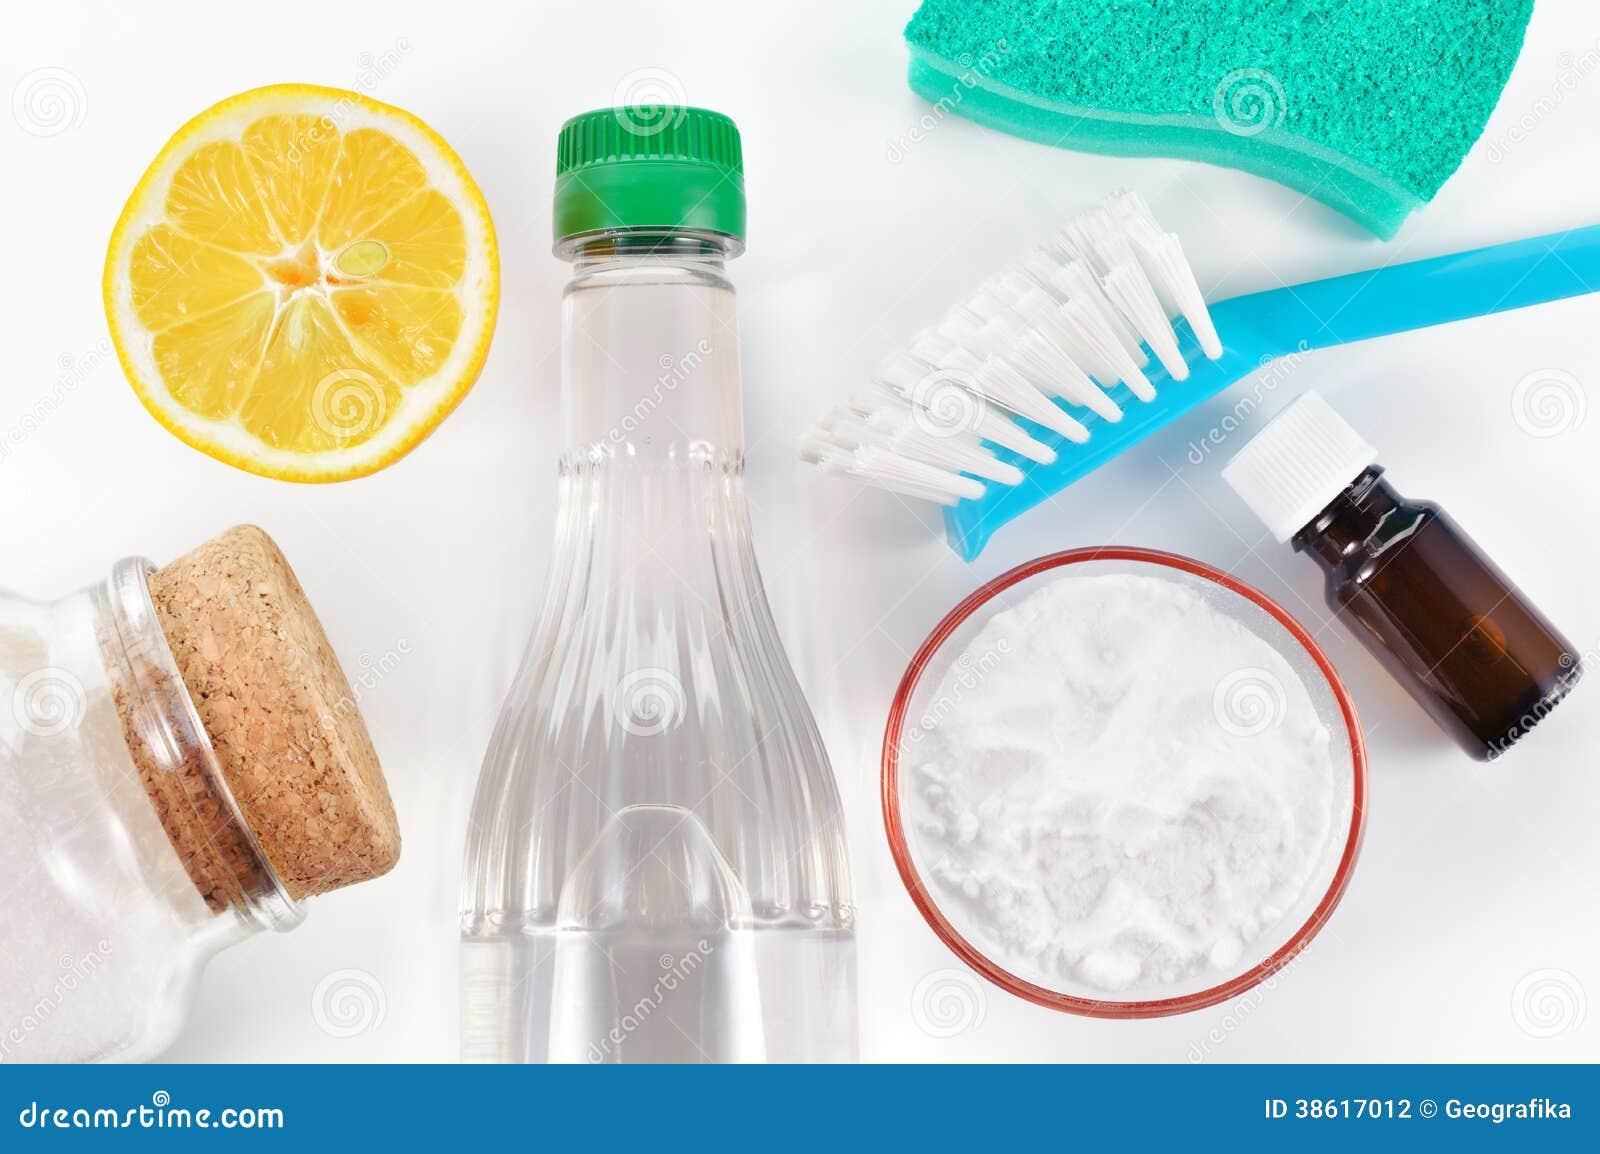 Natuurlijke reinigingsmachine. Azijn, zuiveringszout, zout, citroen